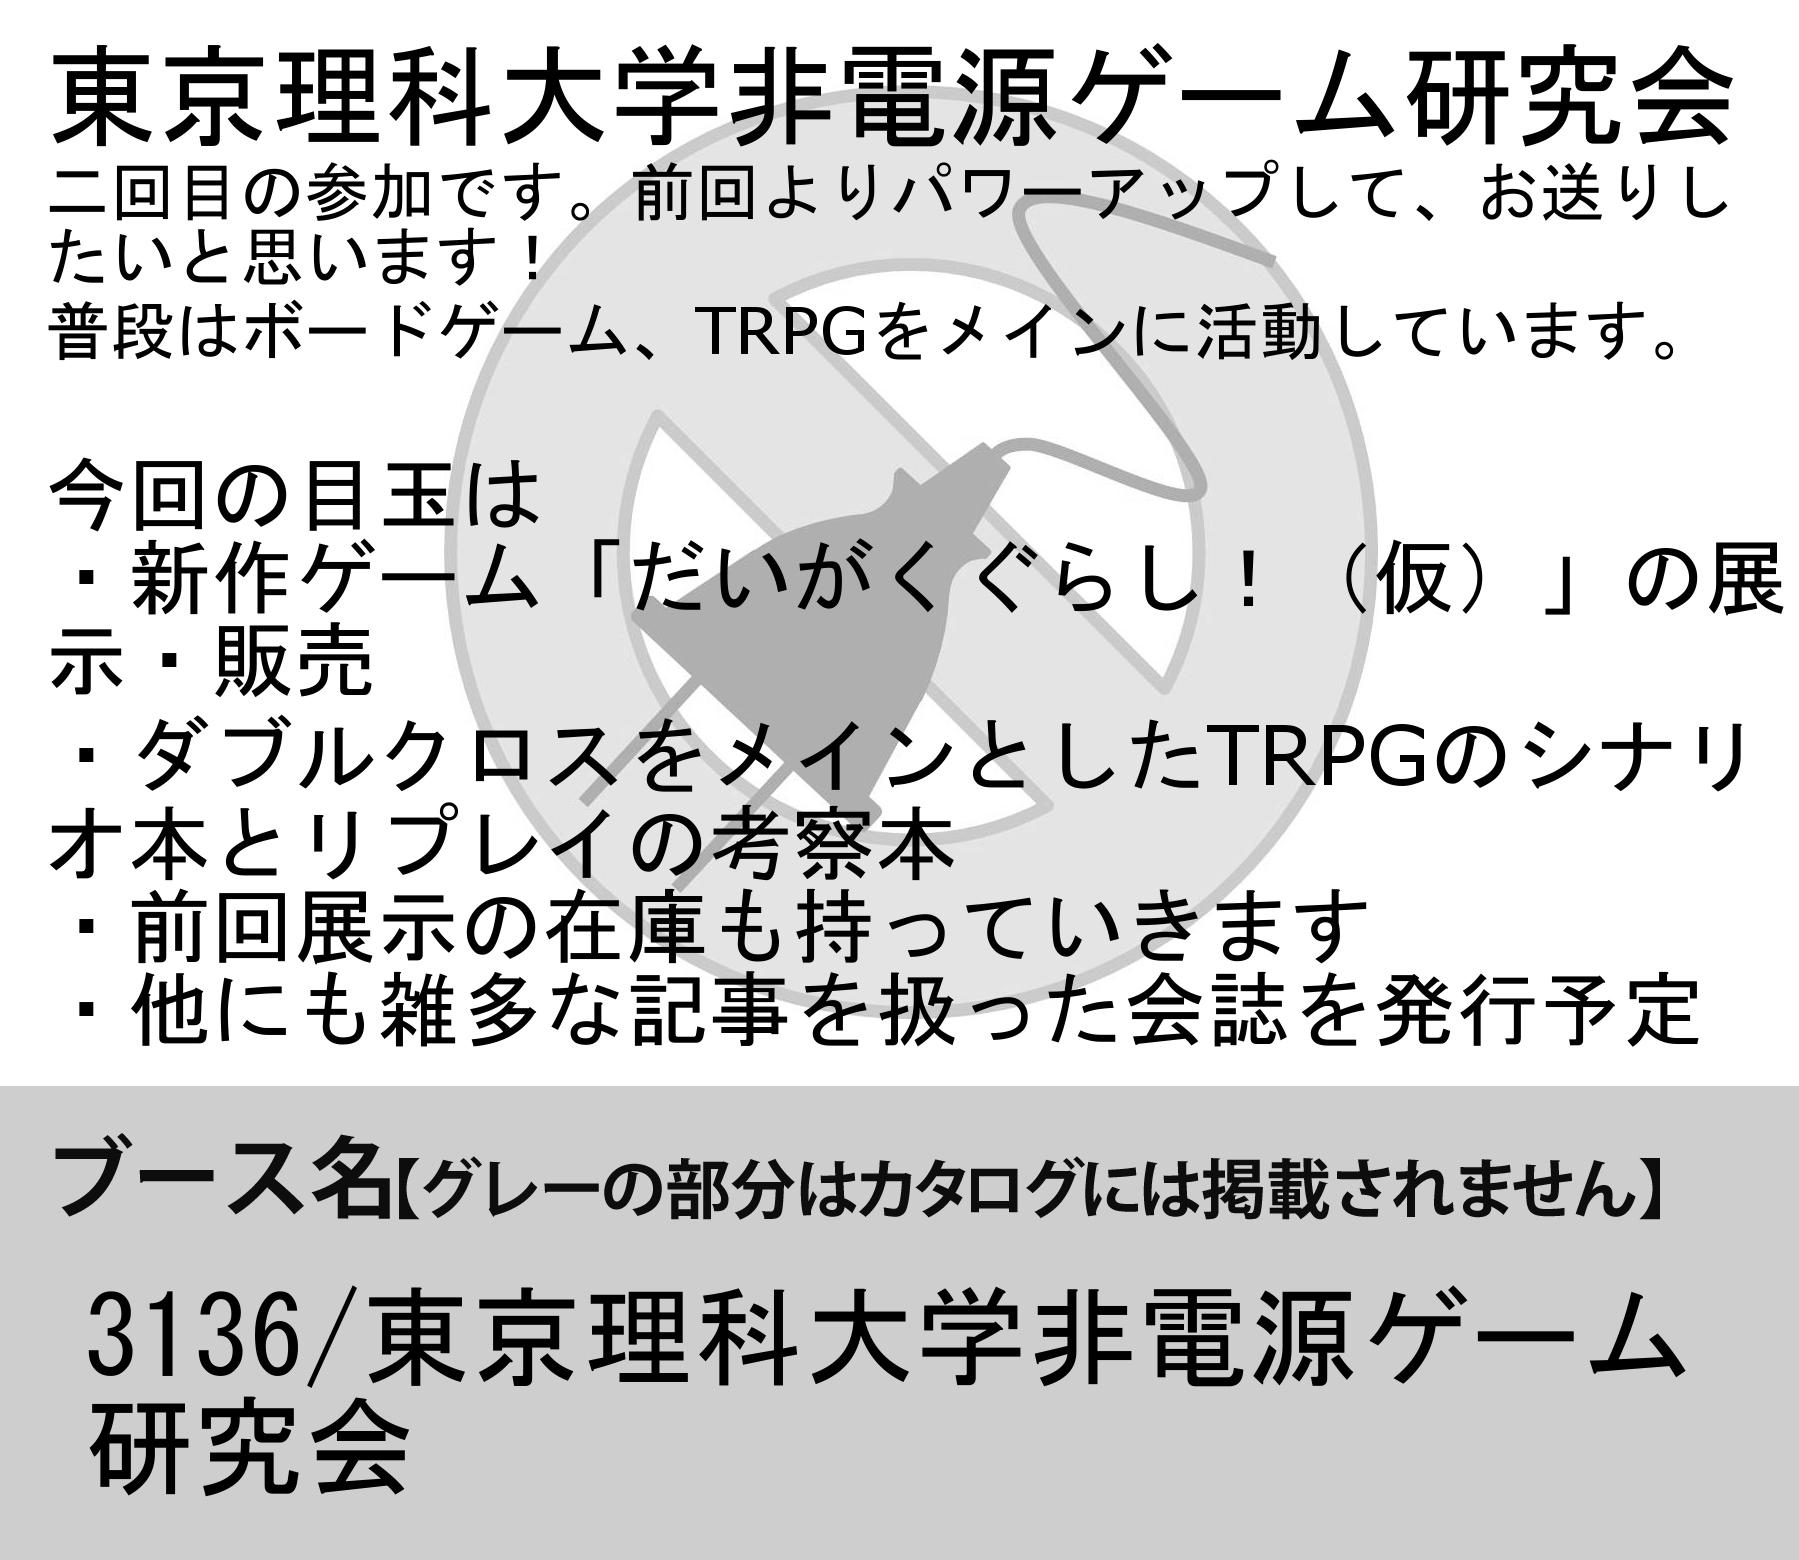 東京理科大学非電源ゲーム研究会画像